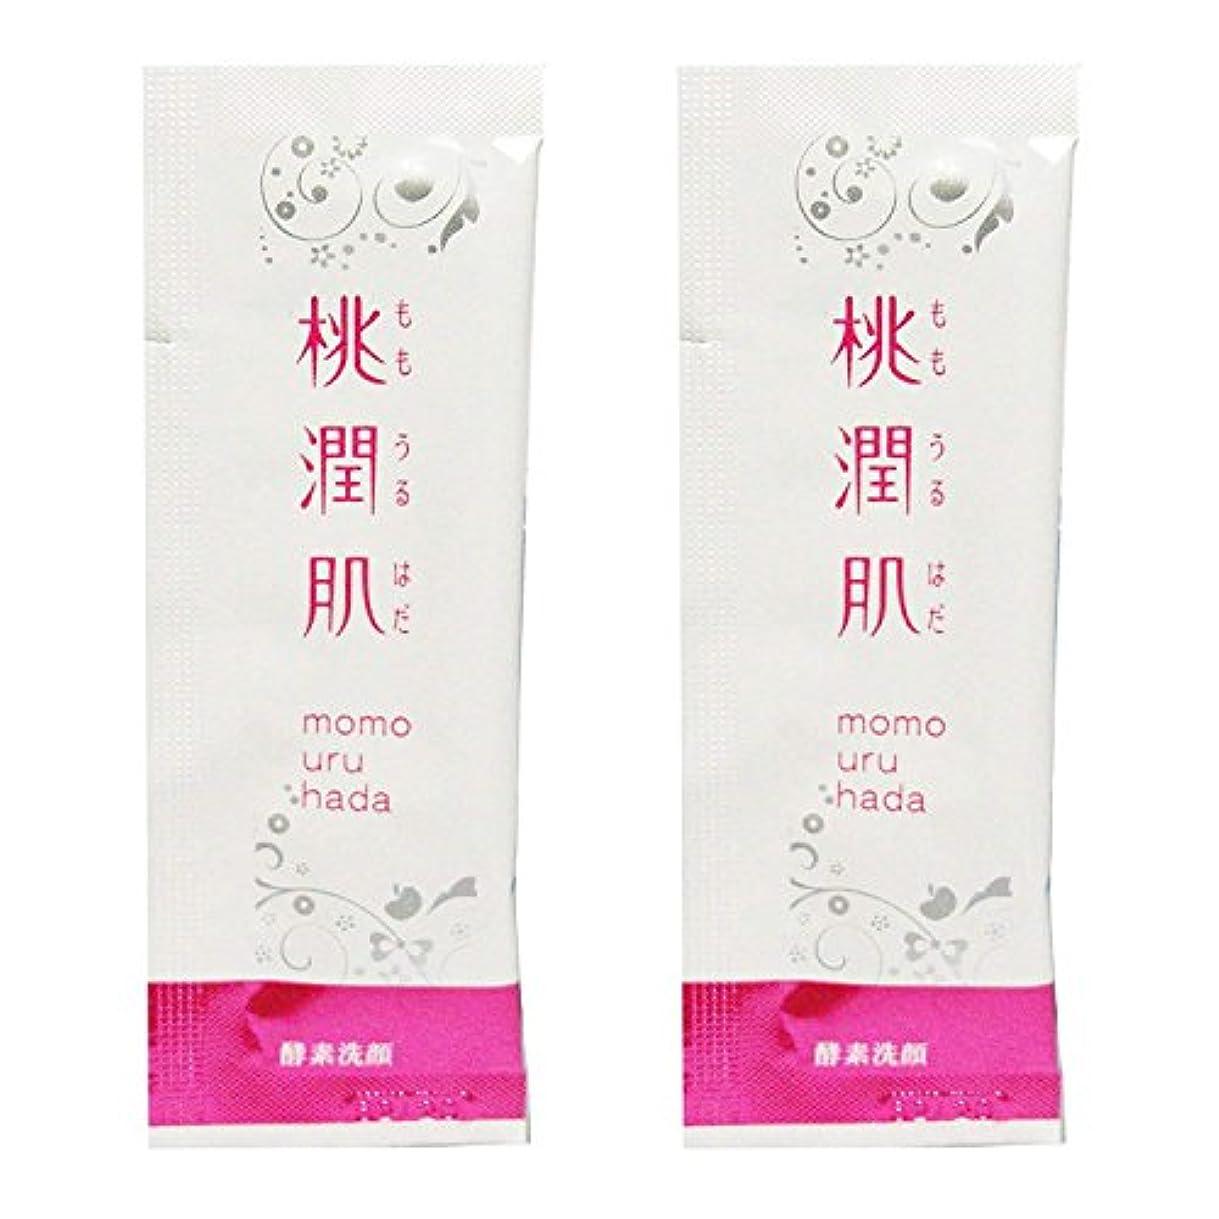 拡張地味な悲鳴アスティ 桃潤肌 酵素洗顔パウダー お試し用 2回分 (1g×2包)